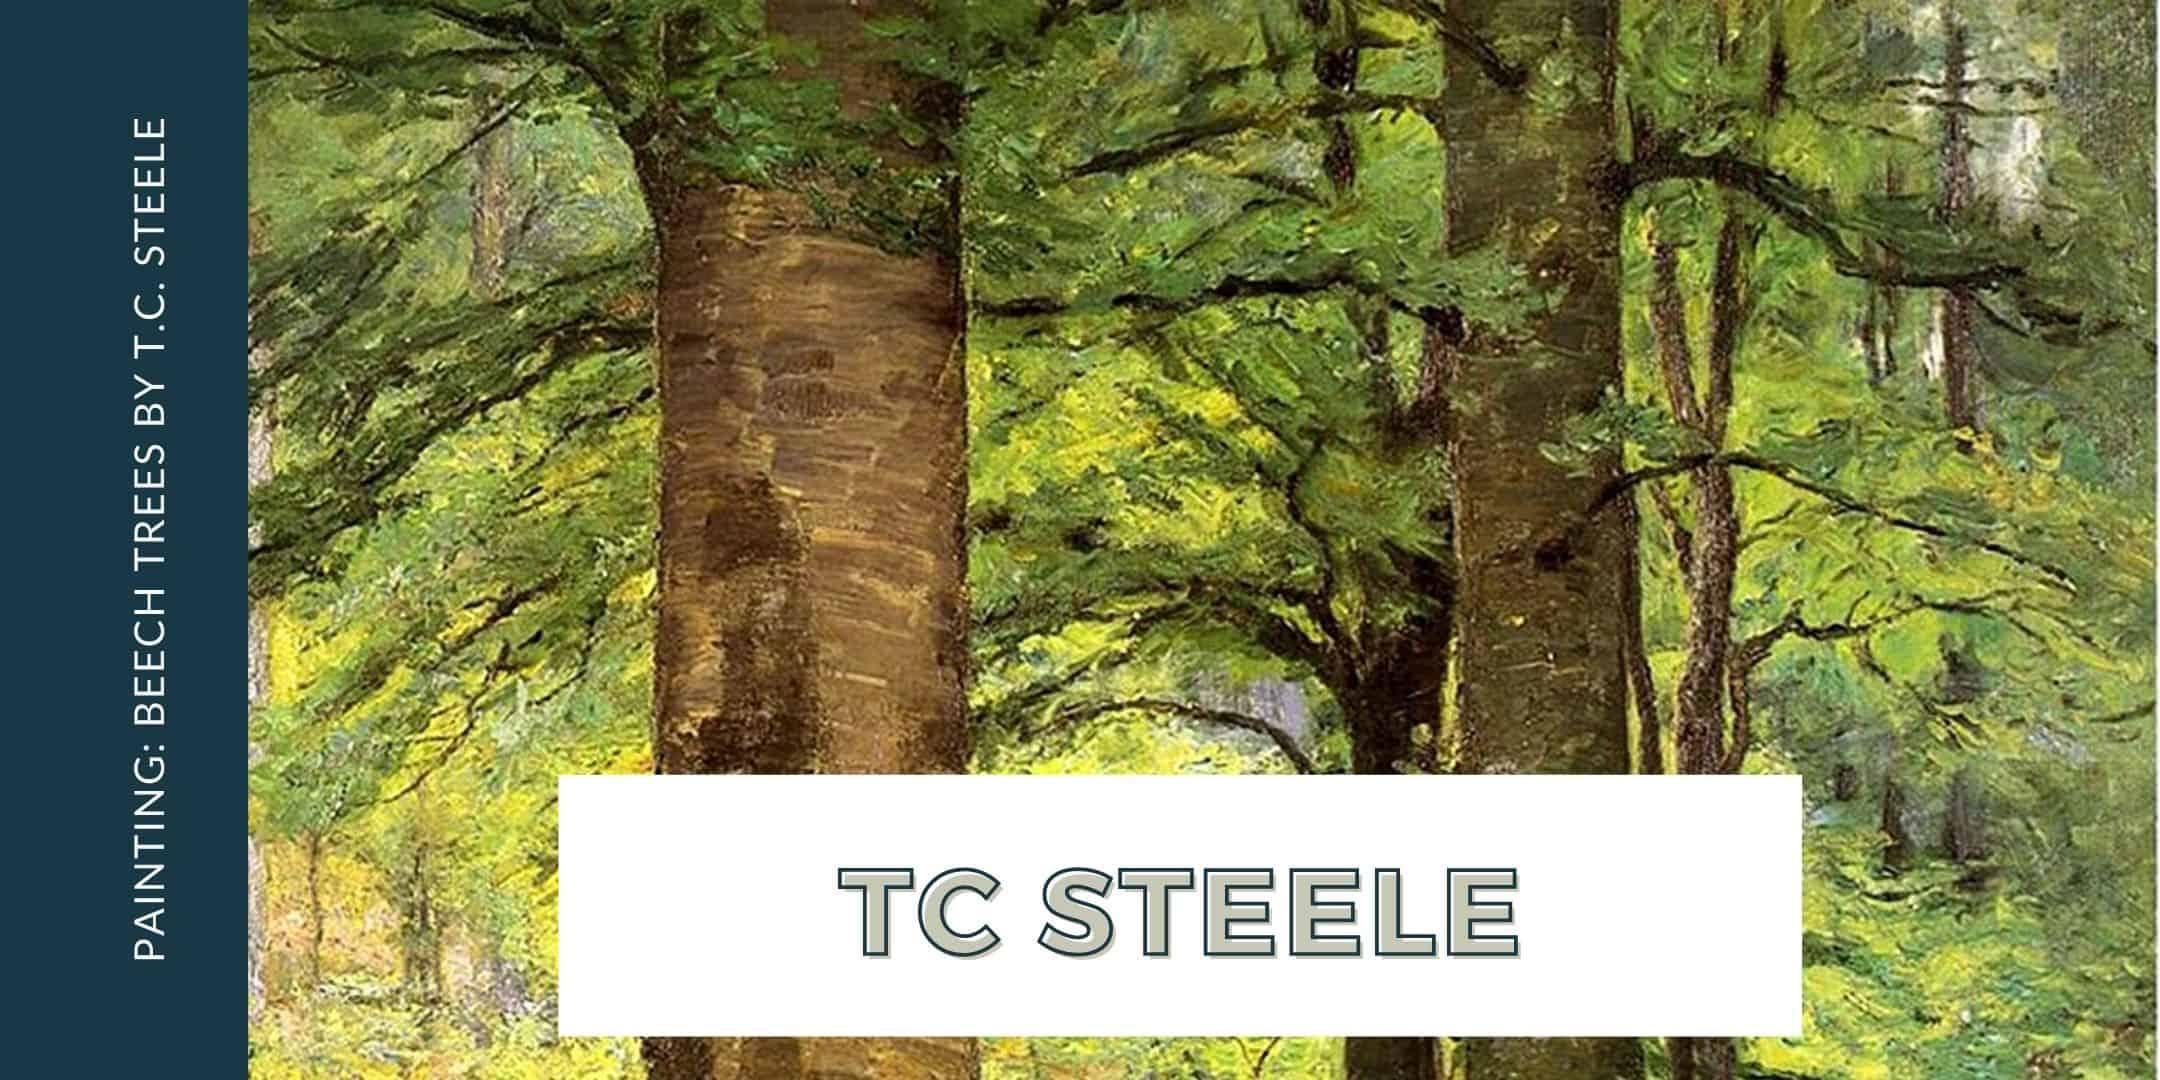 Beech Trees by T.C. Steele